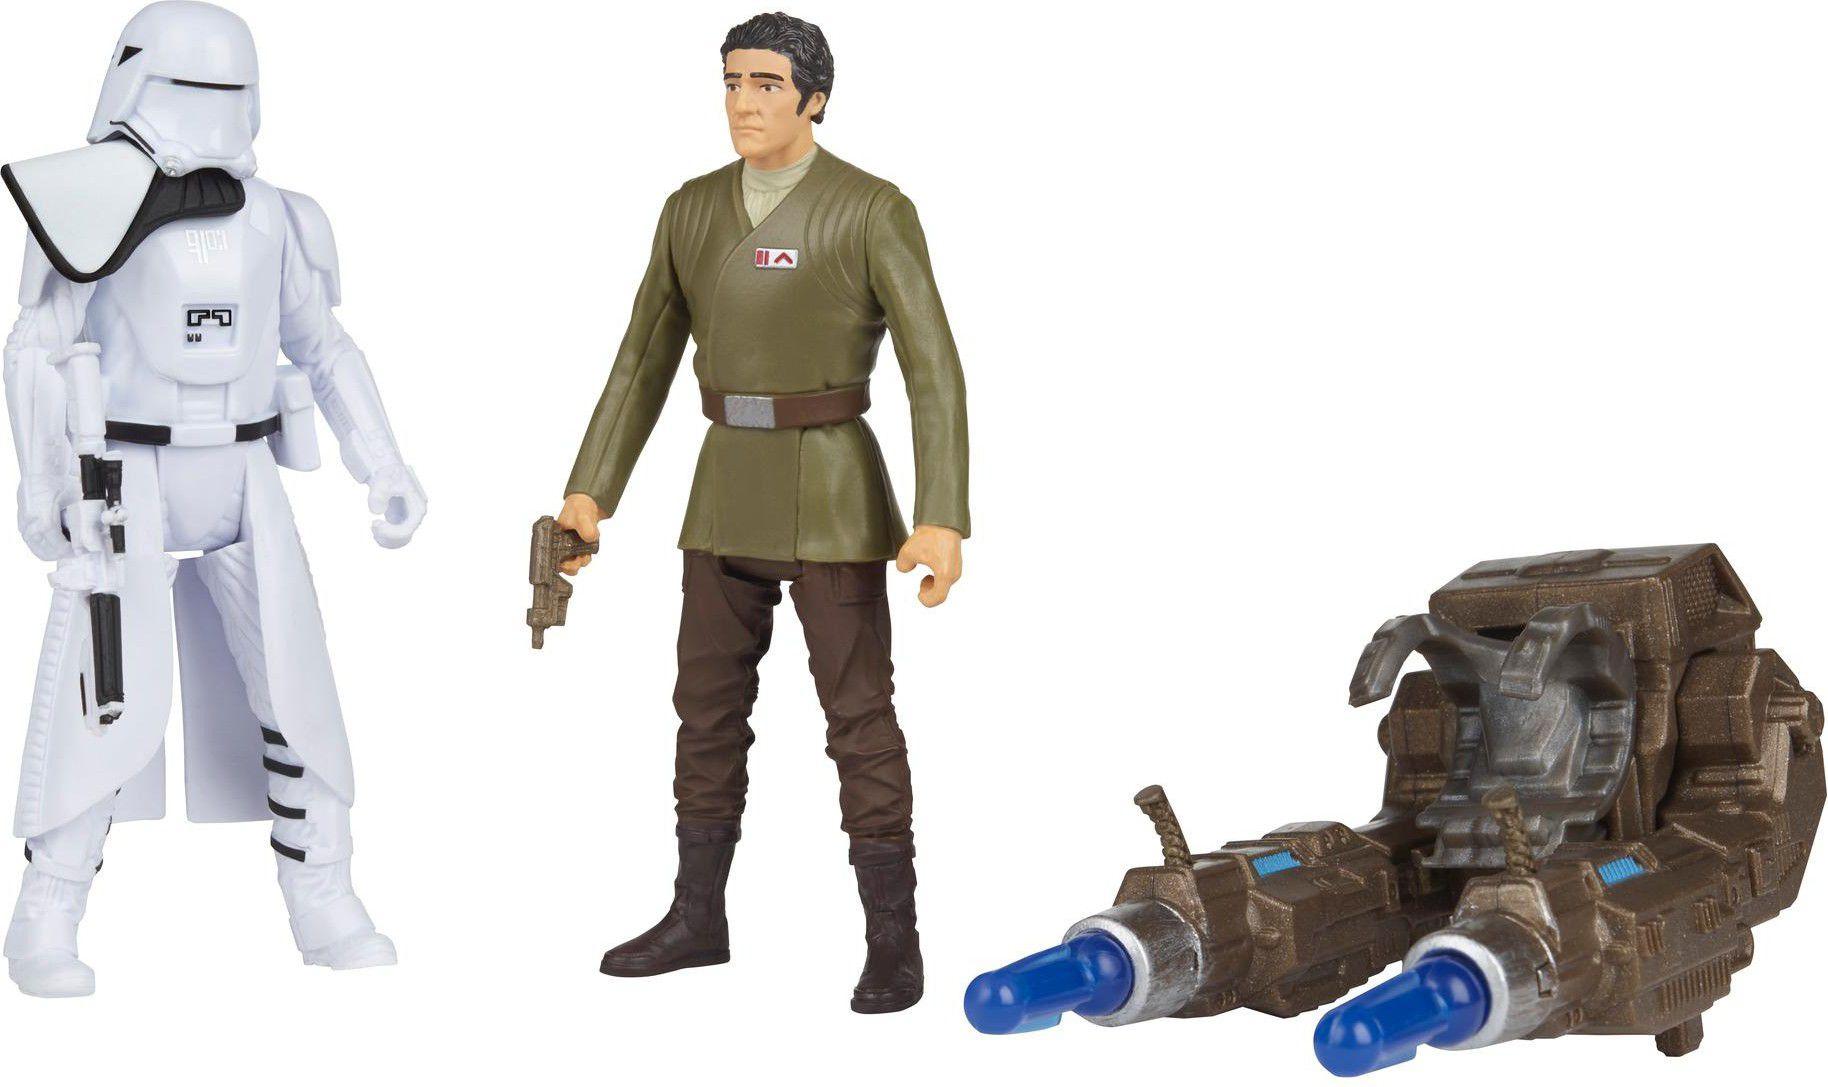 Star Wars Snowtrooper Officer